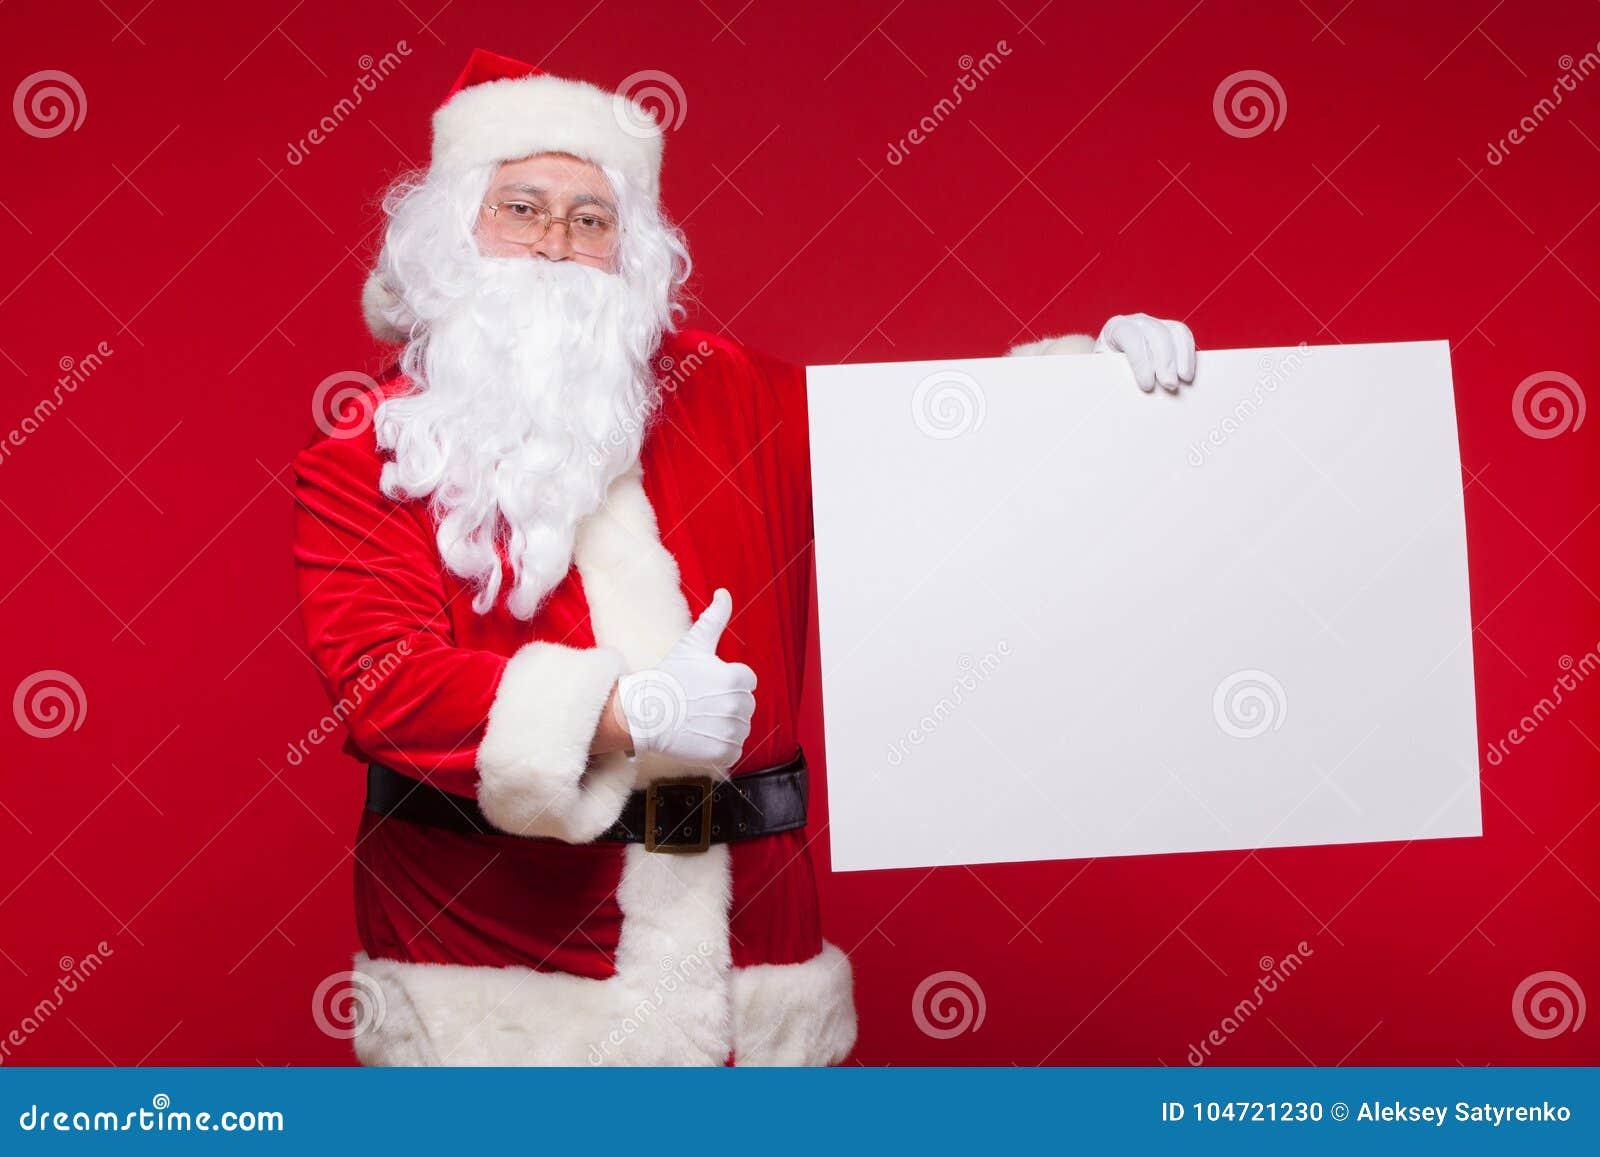 Święty Mikołaj wskazuje w pustym reklama sztandarze na czerwonym tle z kopii przestrzenią